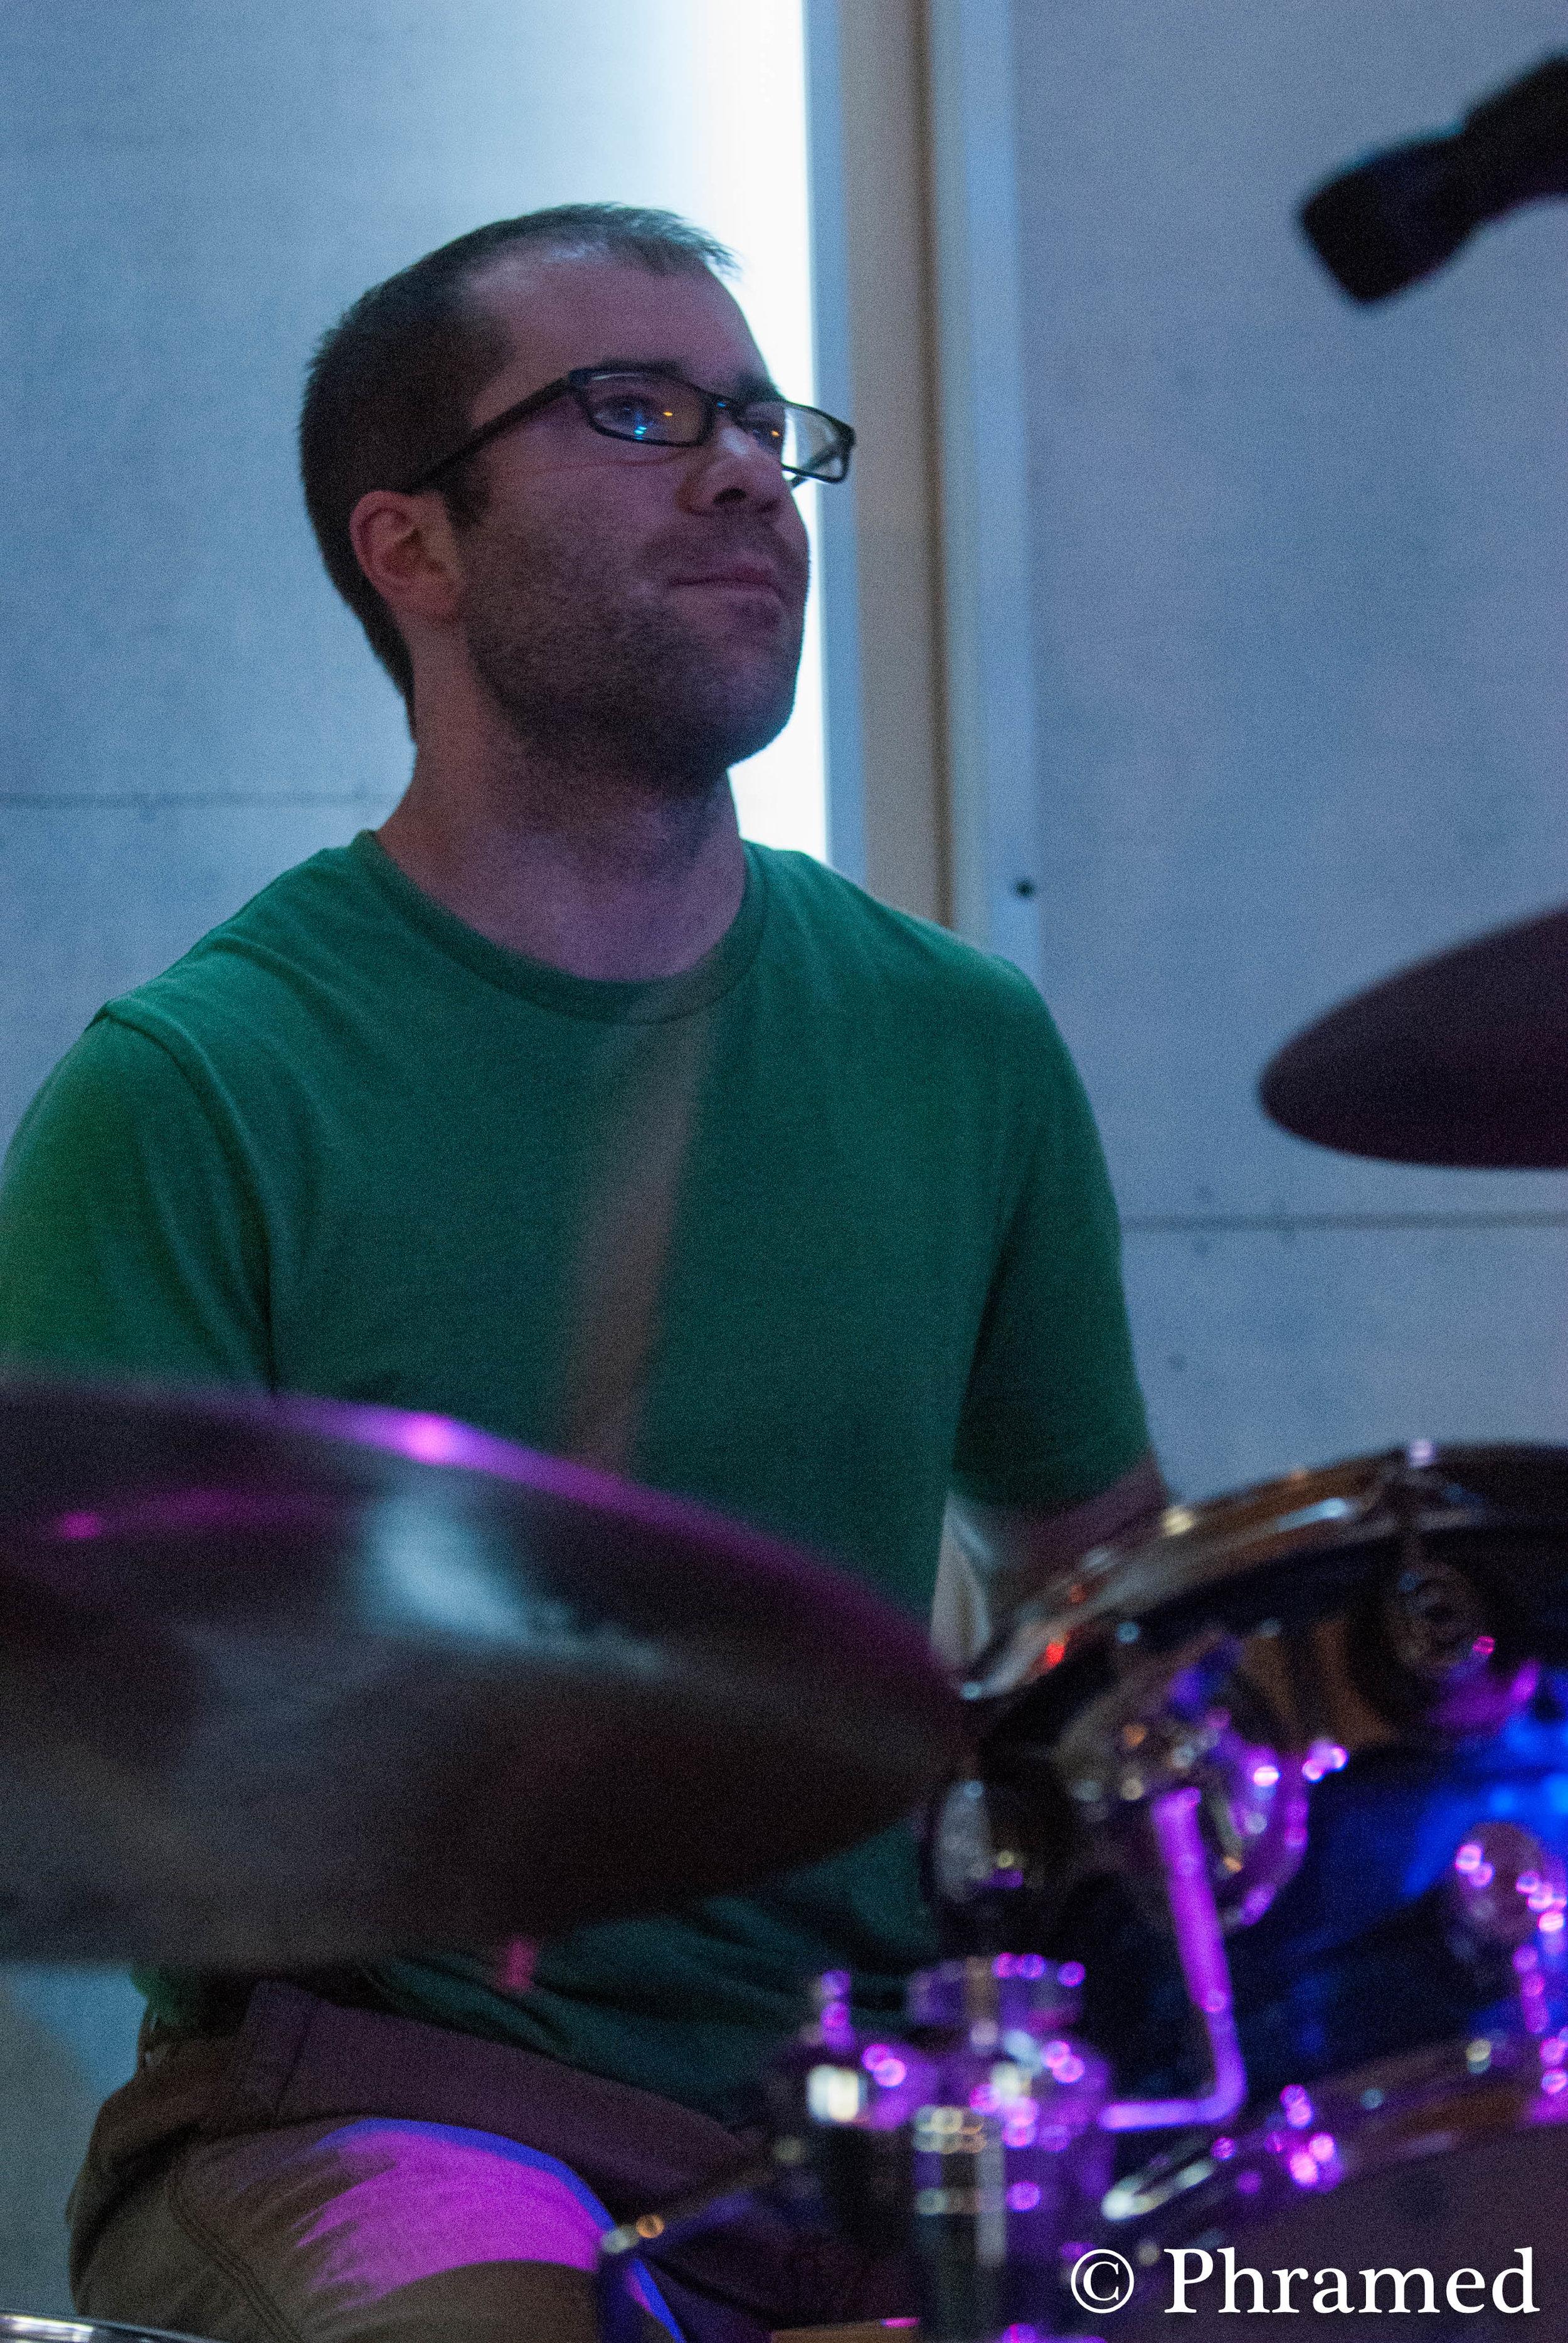 Dalton Muzzy